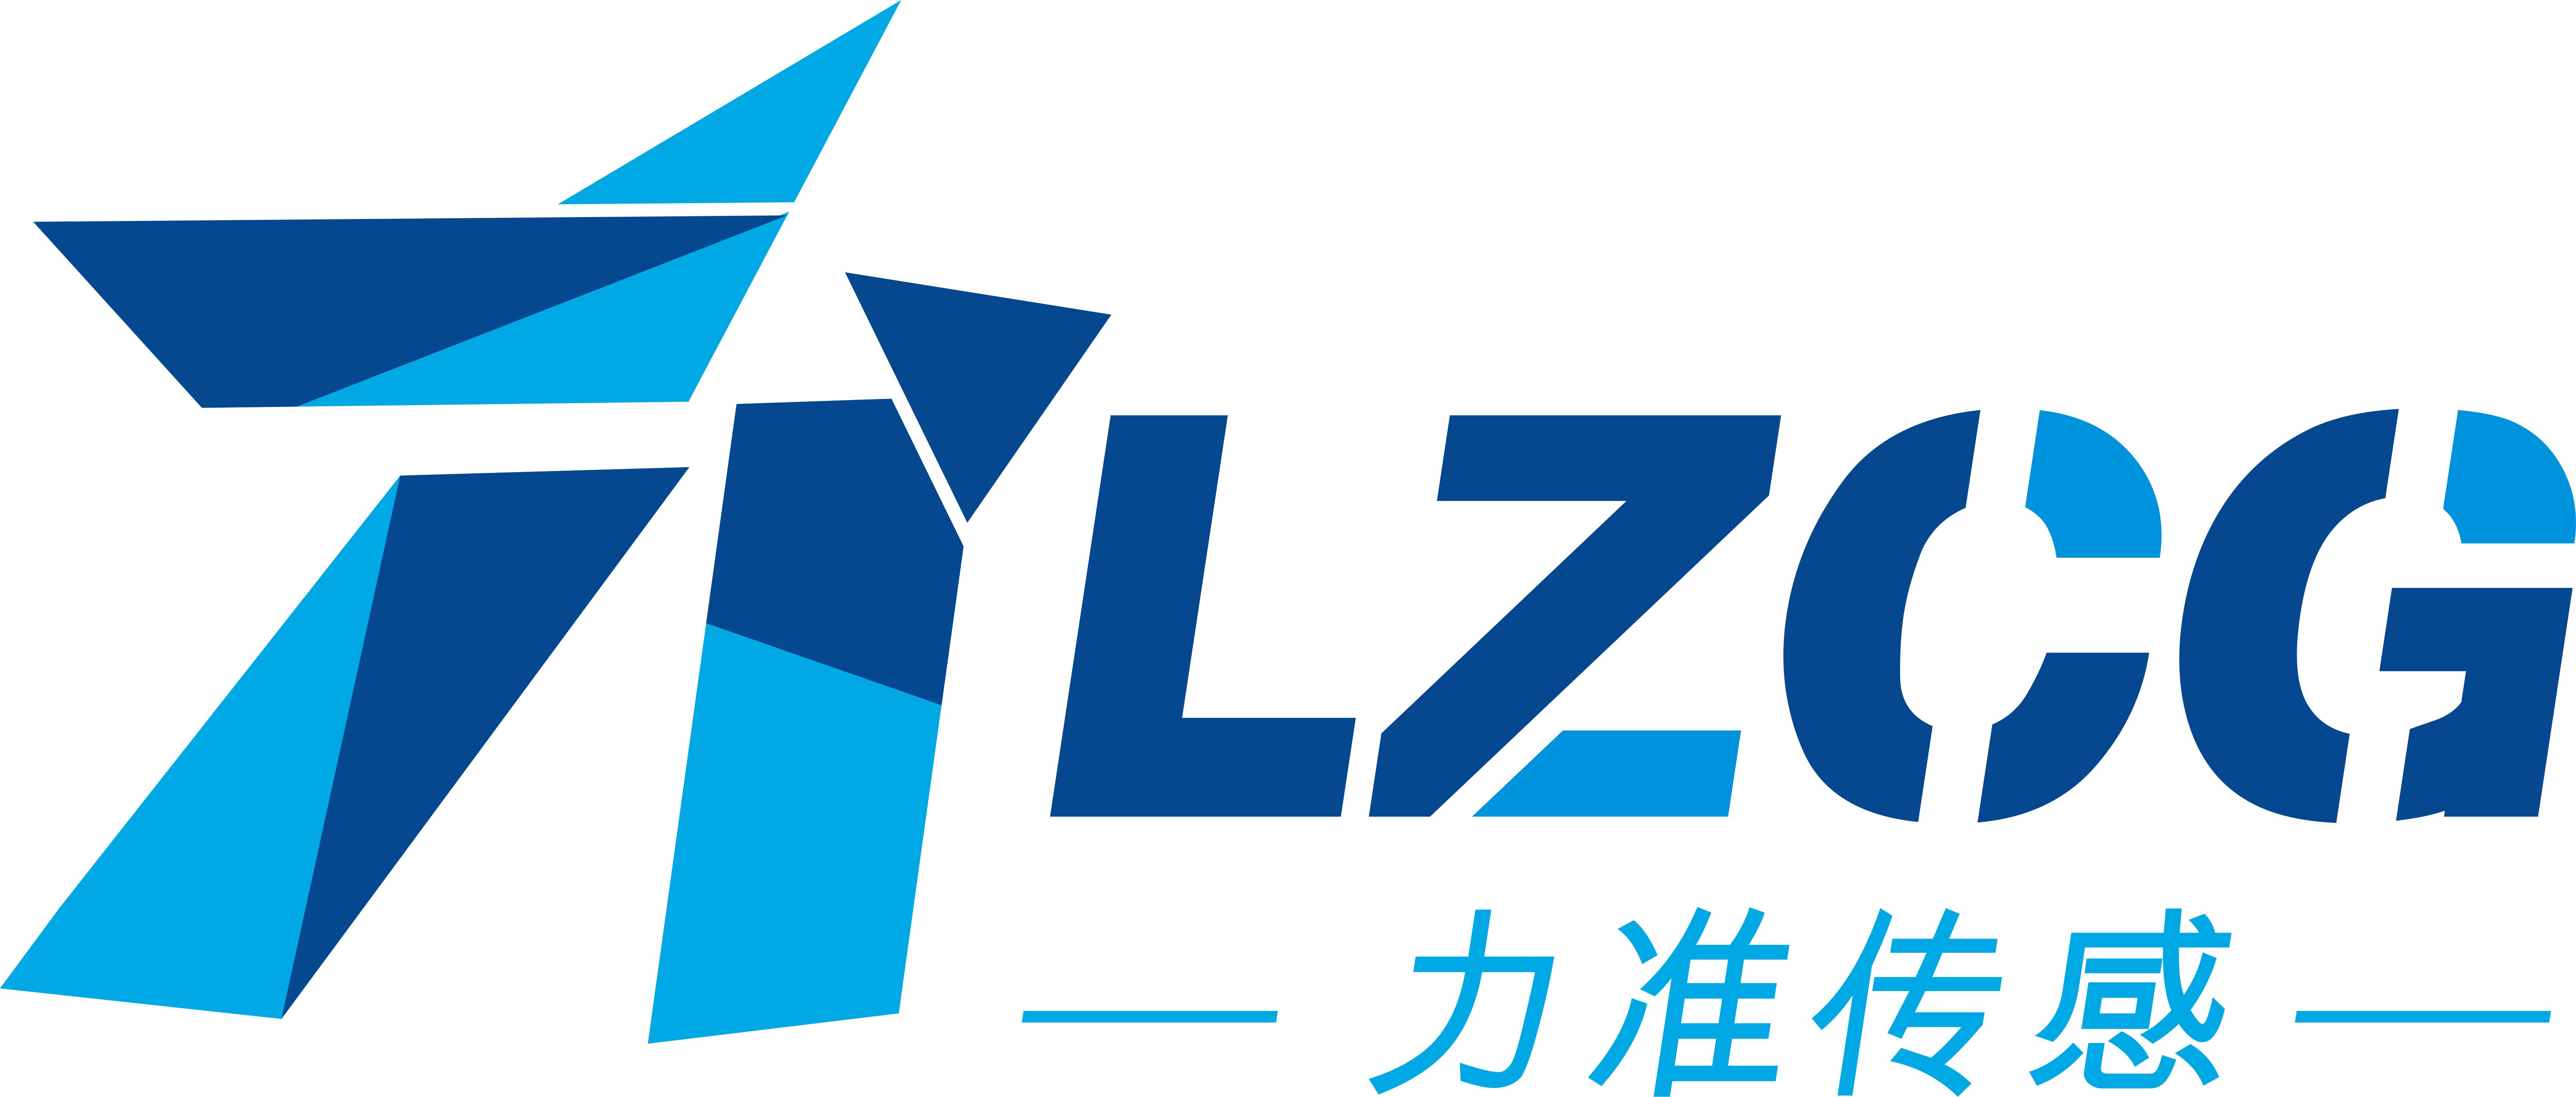 深圳市力准传感技术有限公司